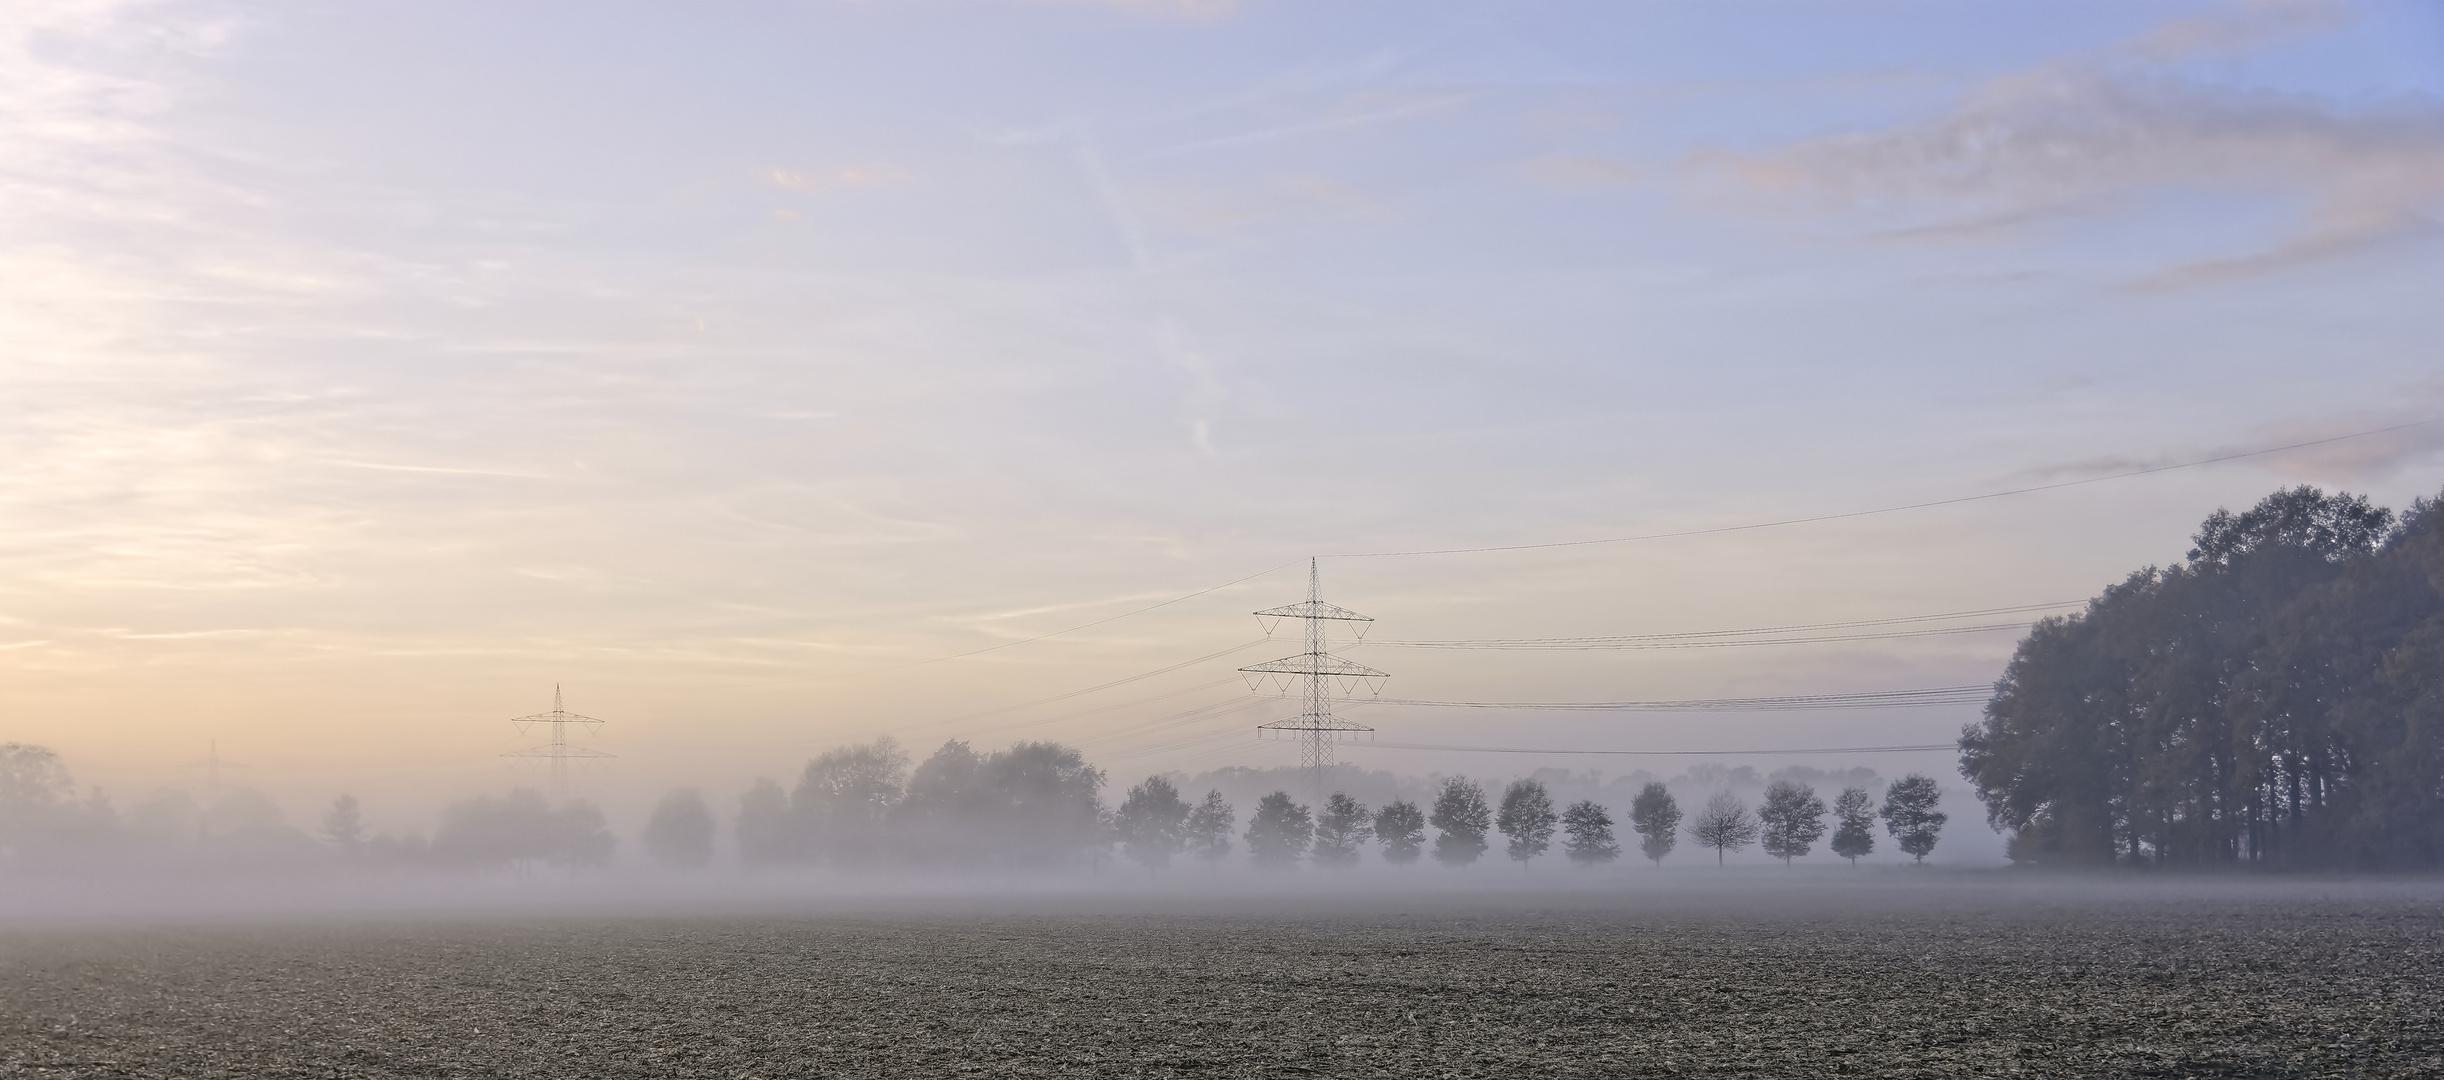 Nebel unter Hochspannung